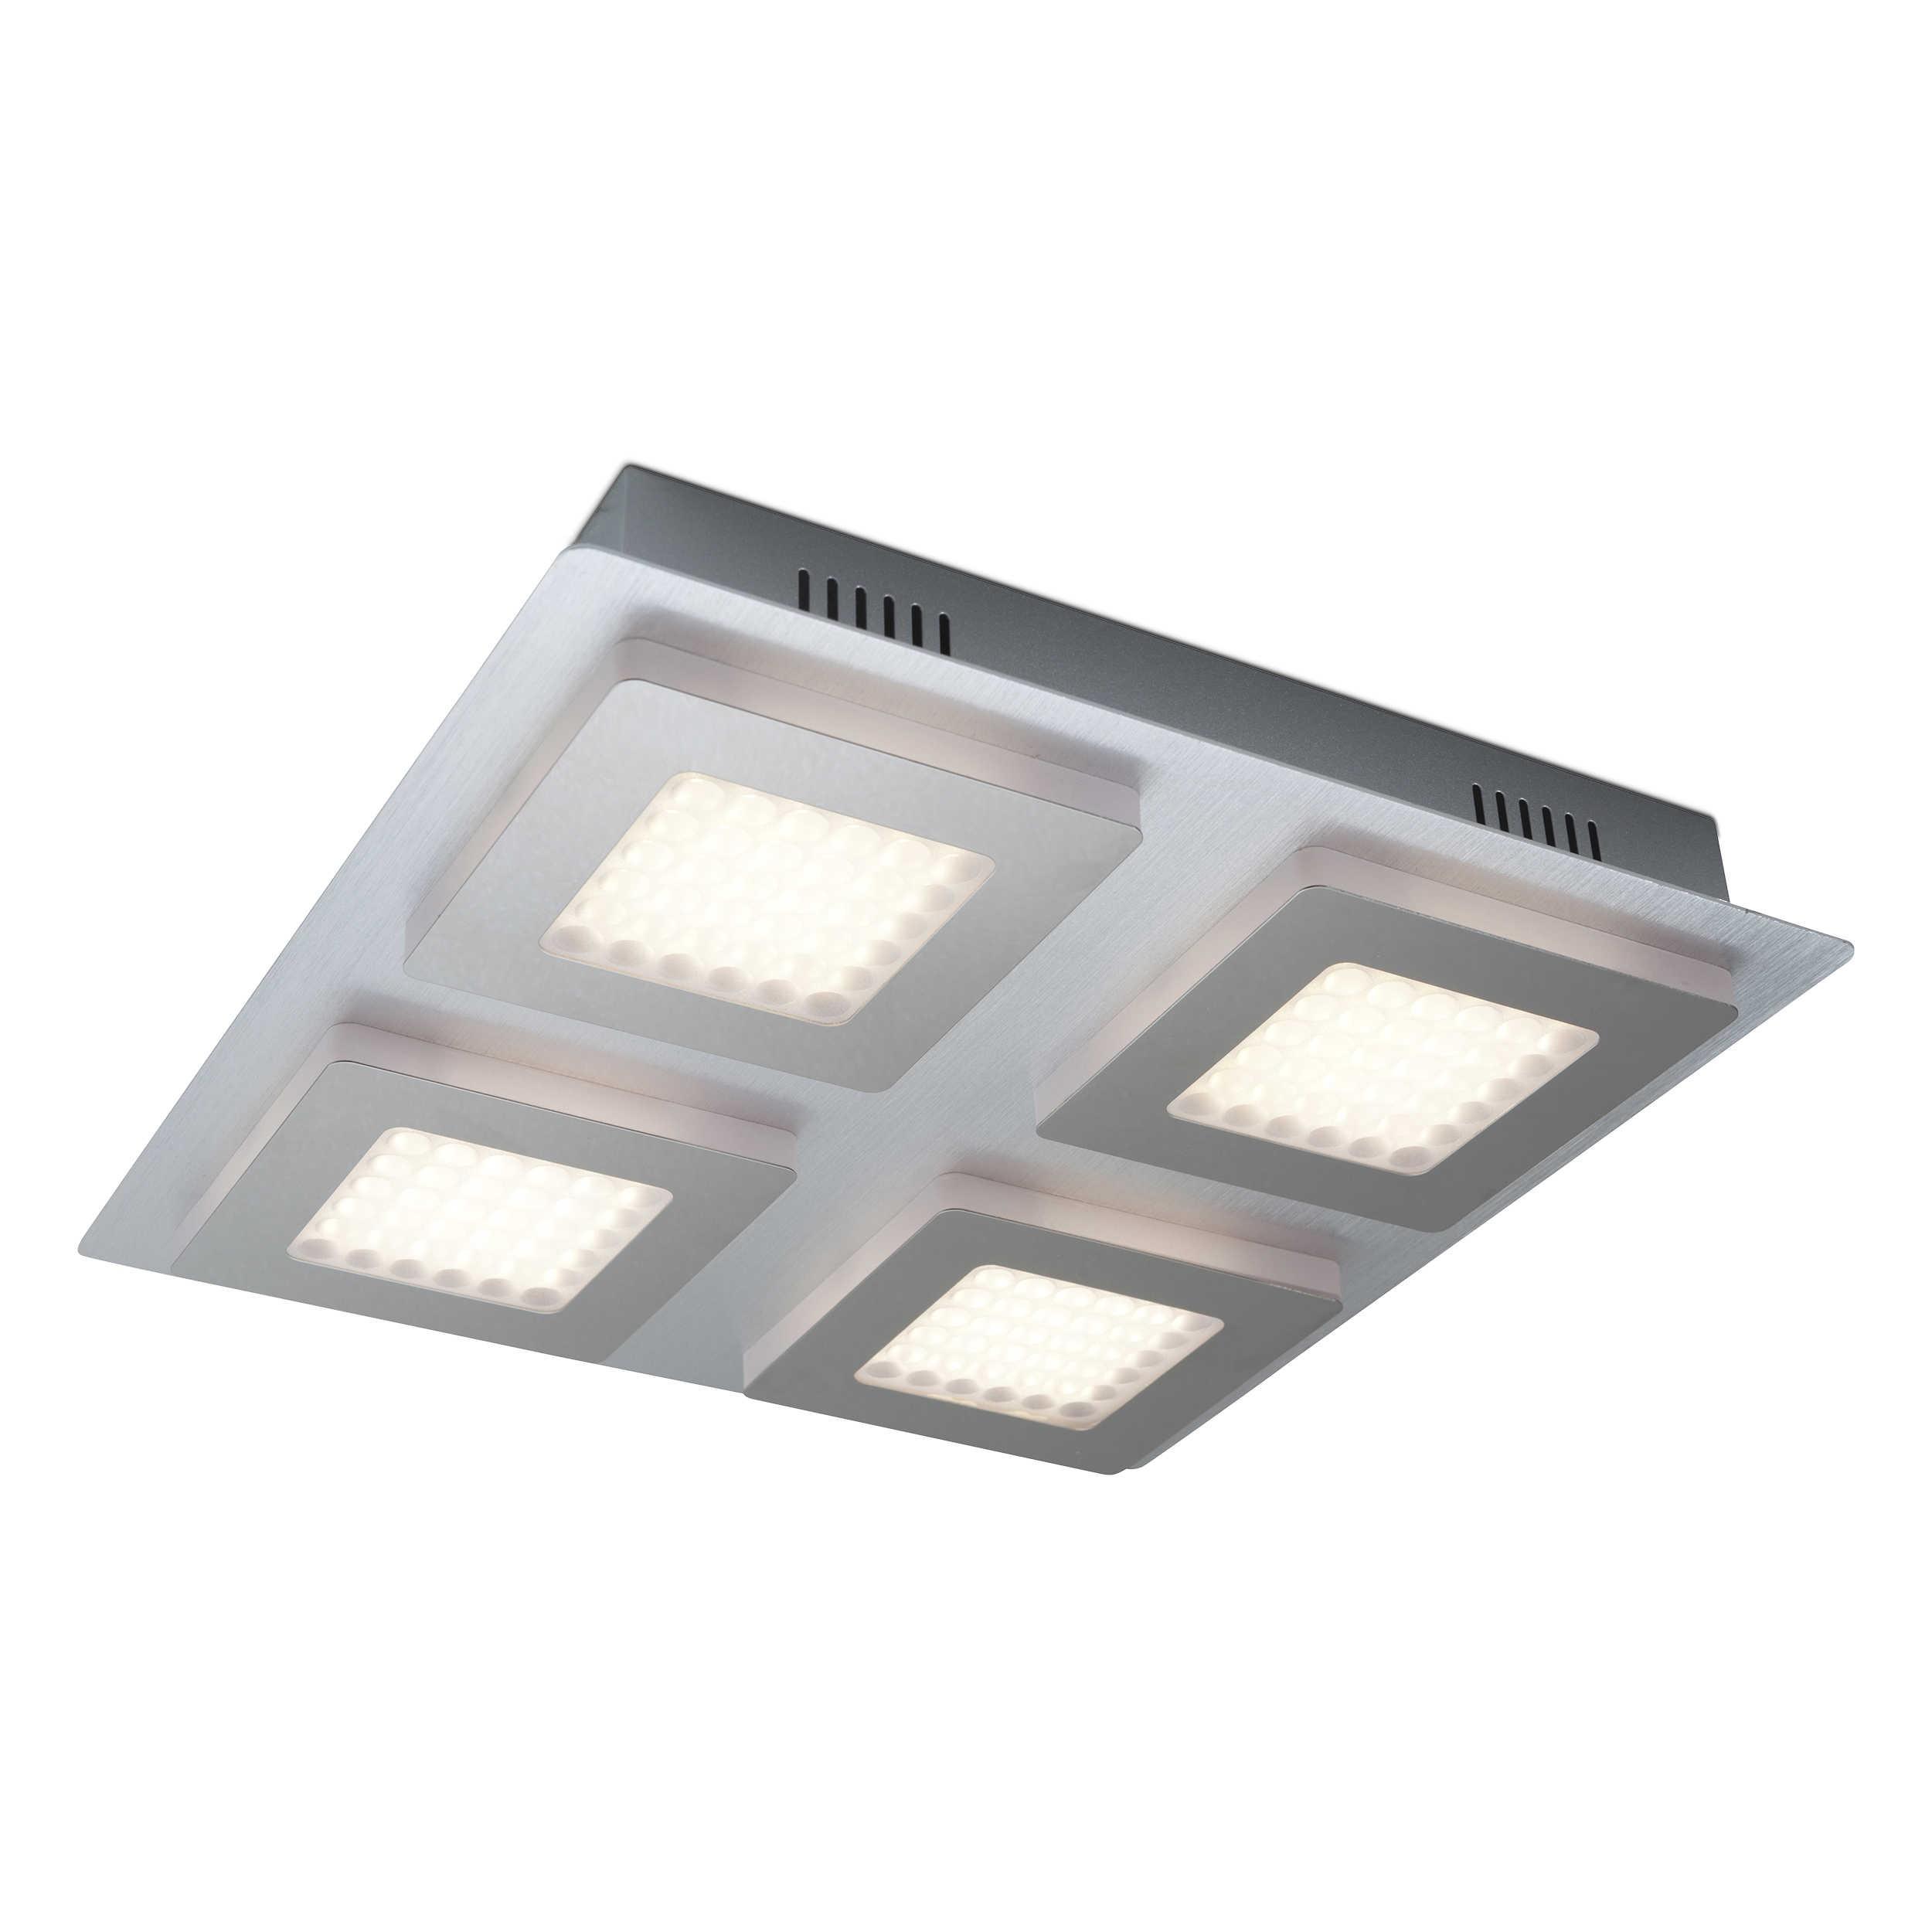 Designer Deckenleuchte Roma 30 Kaufen: DesignLive LED-Deckenleuchte Alonos A+ Chrom Chrom,Alu